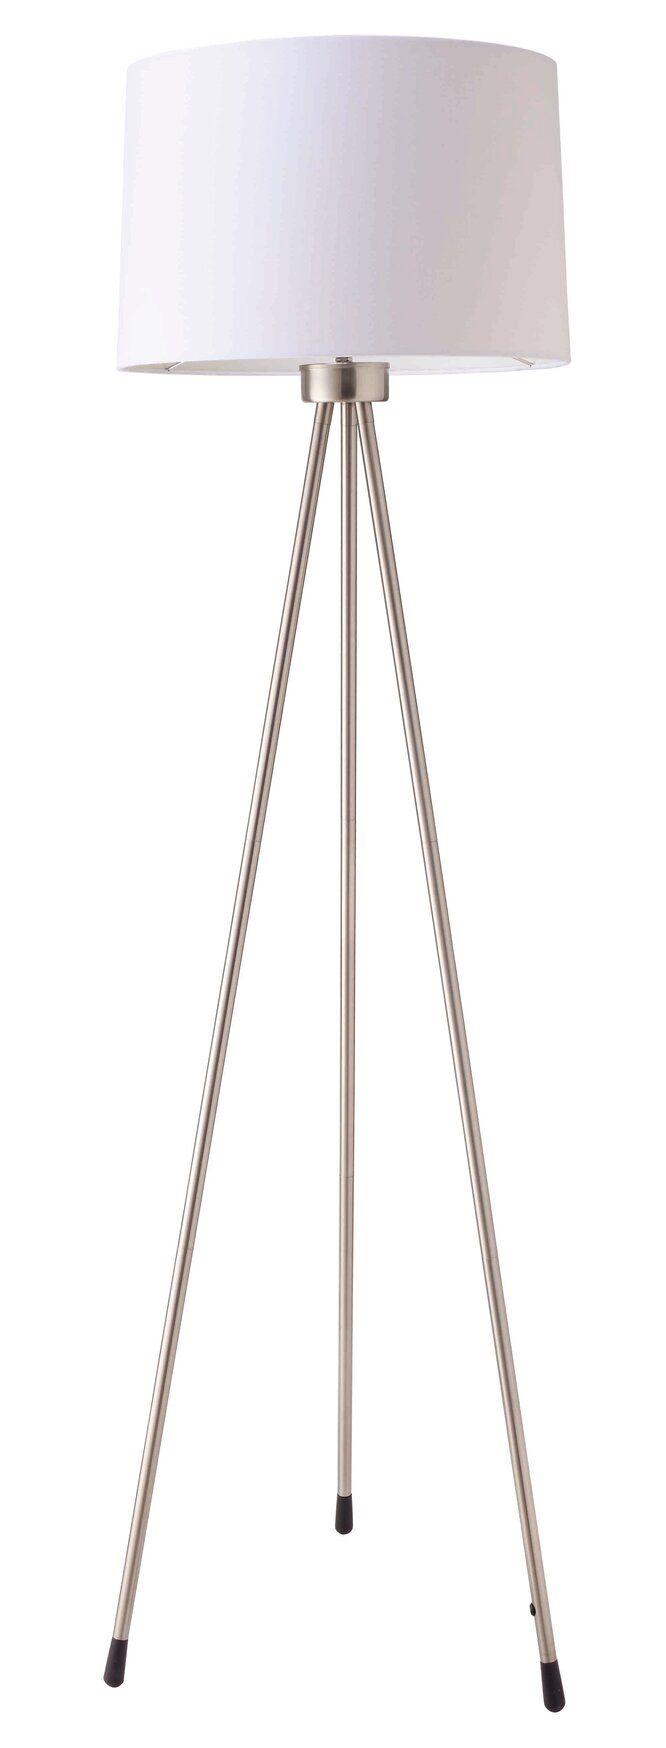 Lazar 59 Tripod Floor Lamp Tripod Floor Lamps Lamp Floor Lamp [ 1748 x 666 Pixel ]